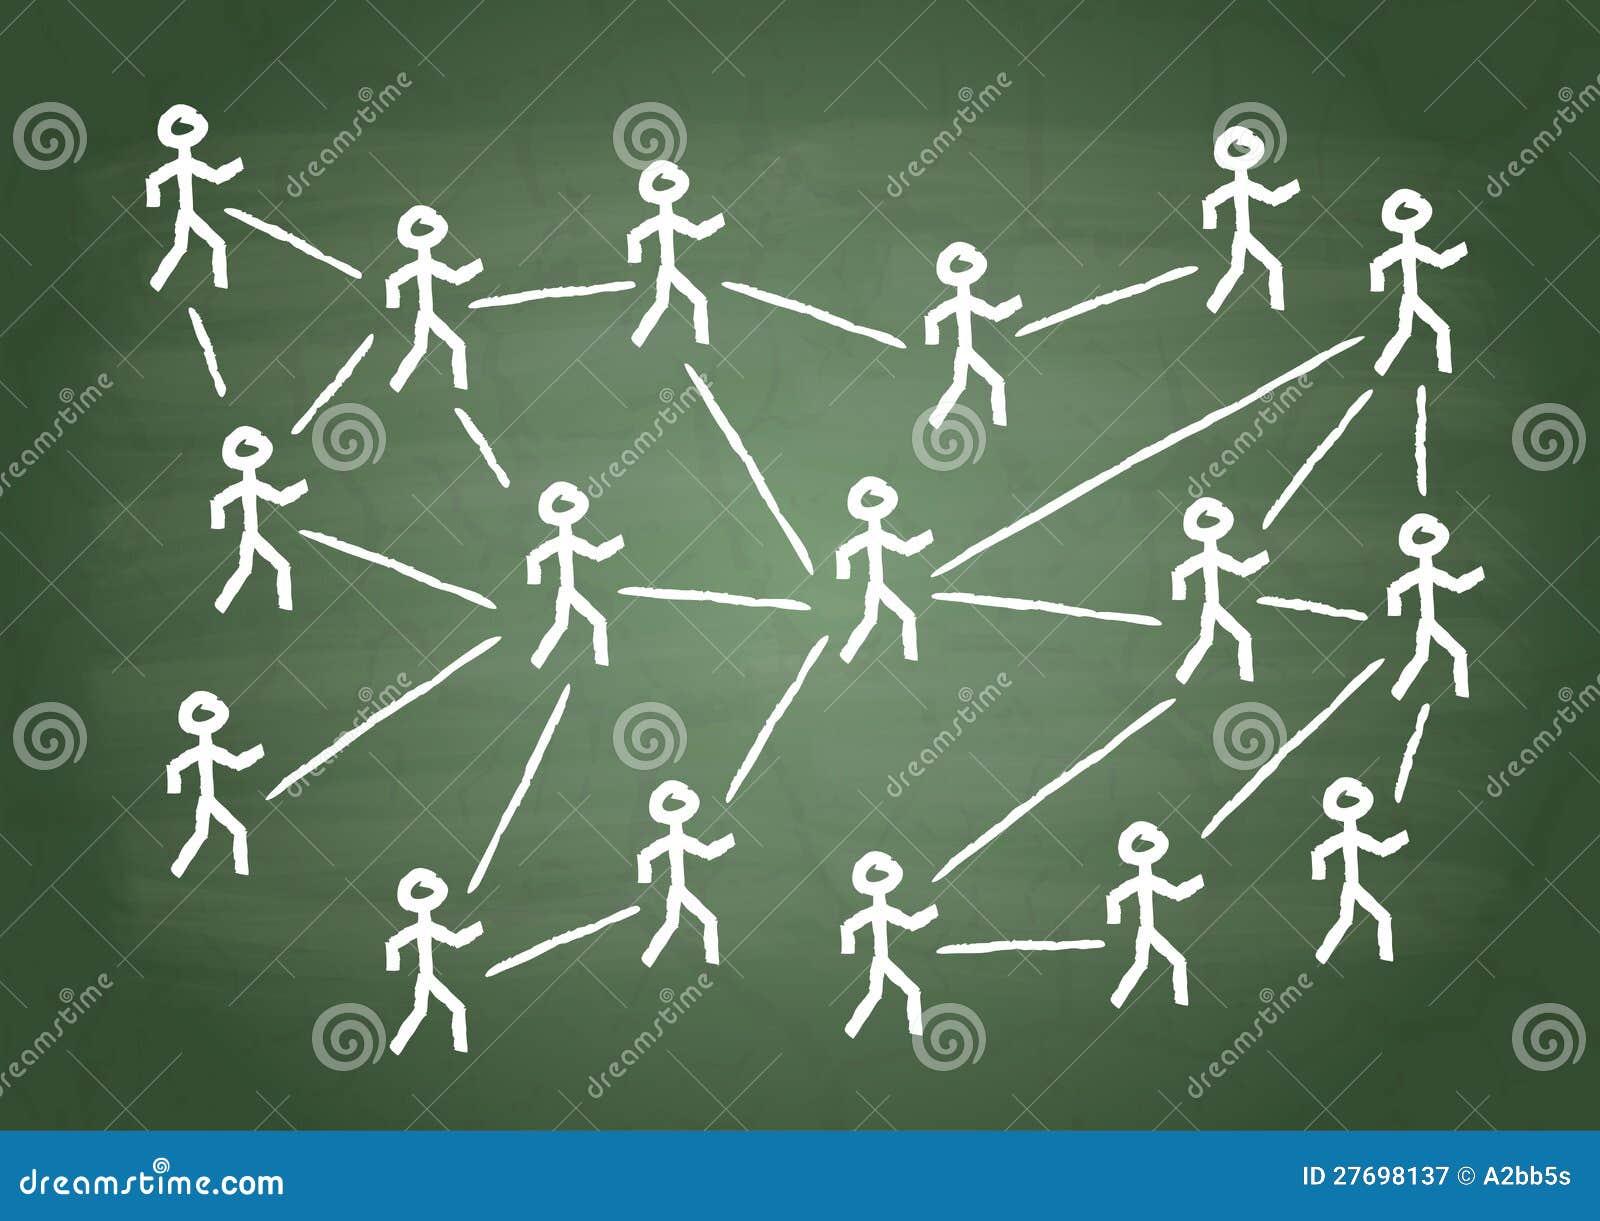 Betriebsorganisation und Kommunikation